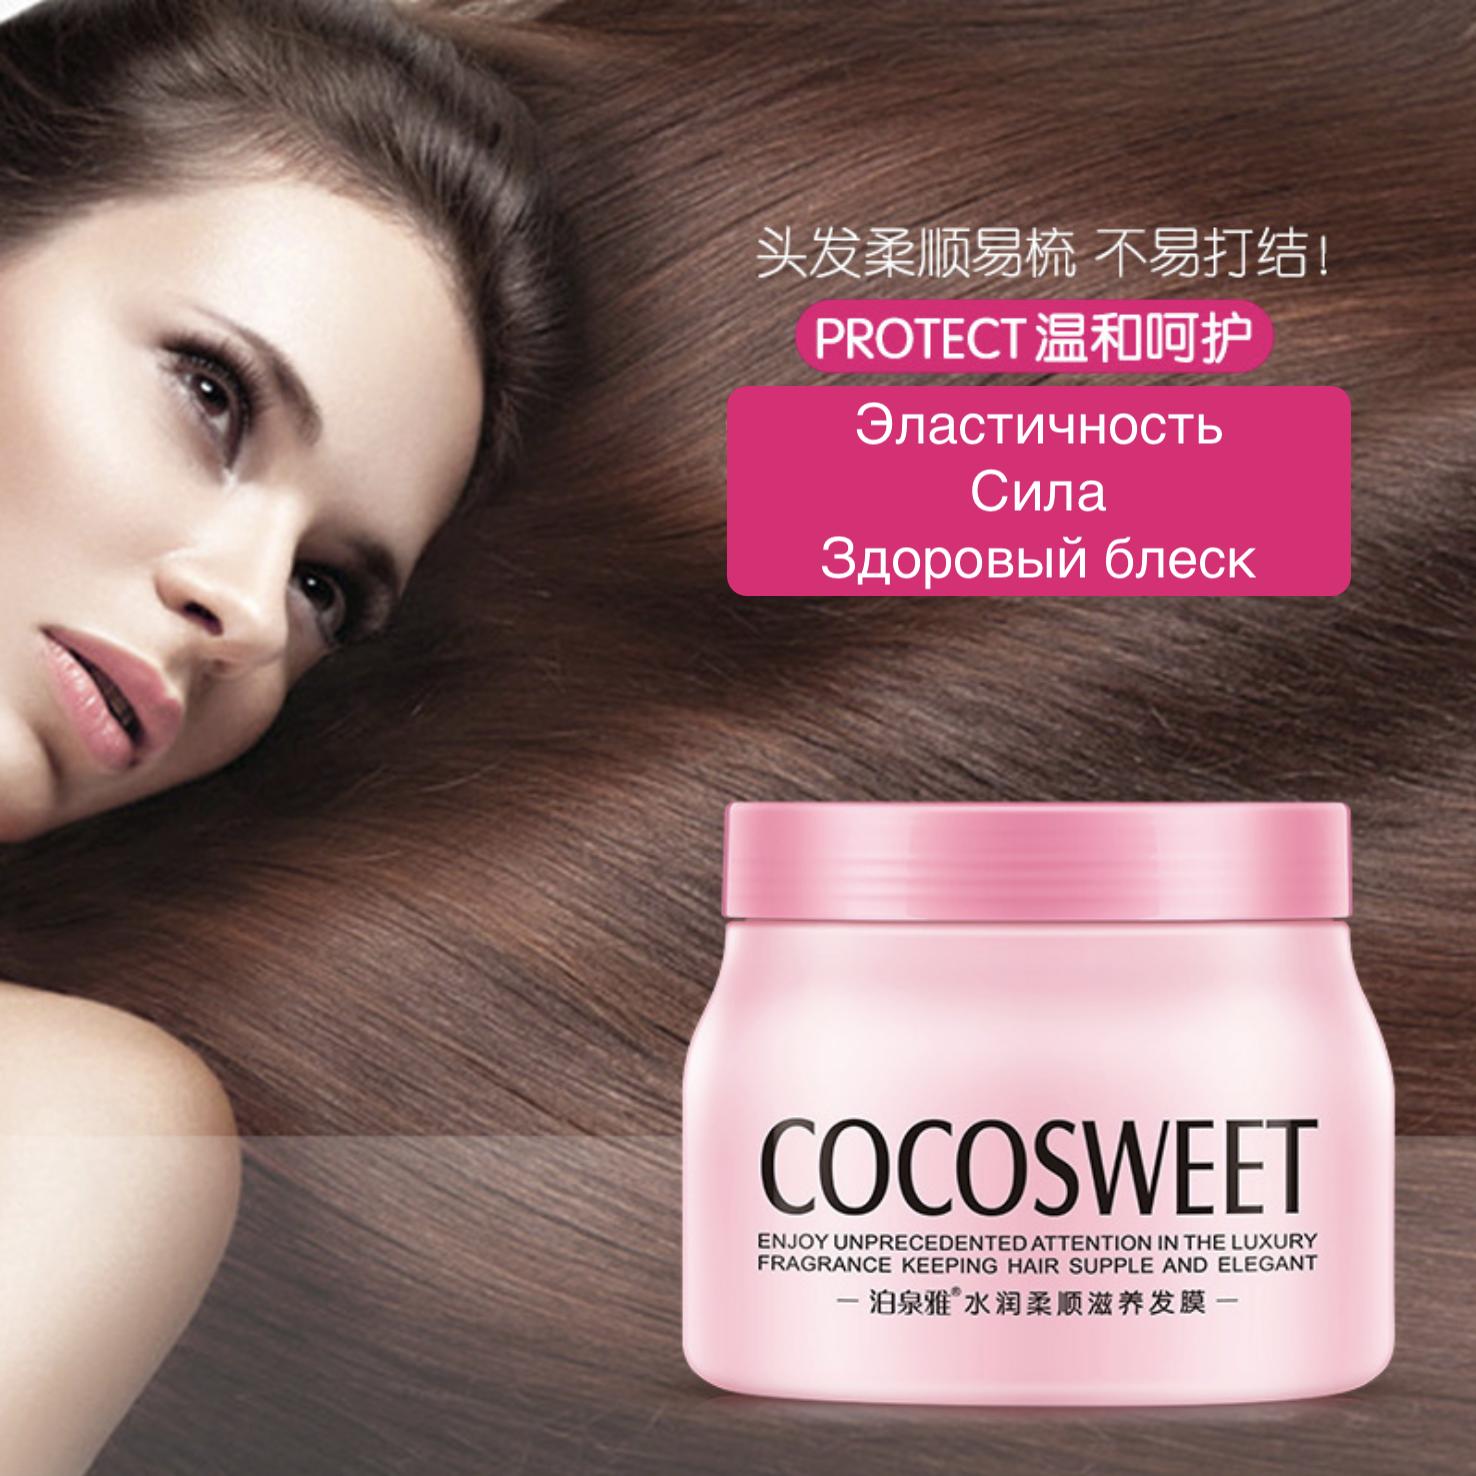 Питательная маска для волос cocosweet, 500мл.